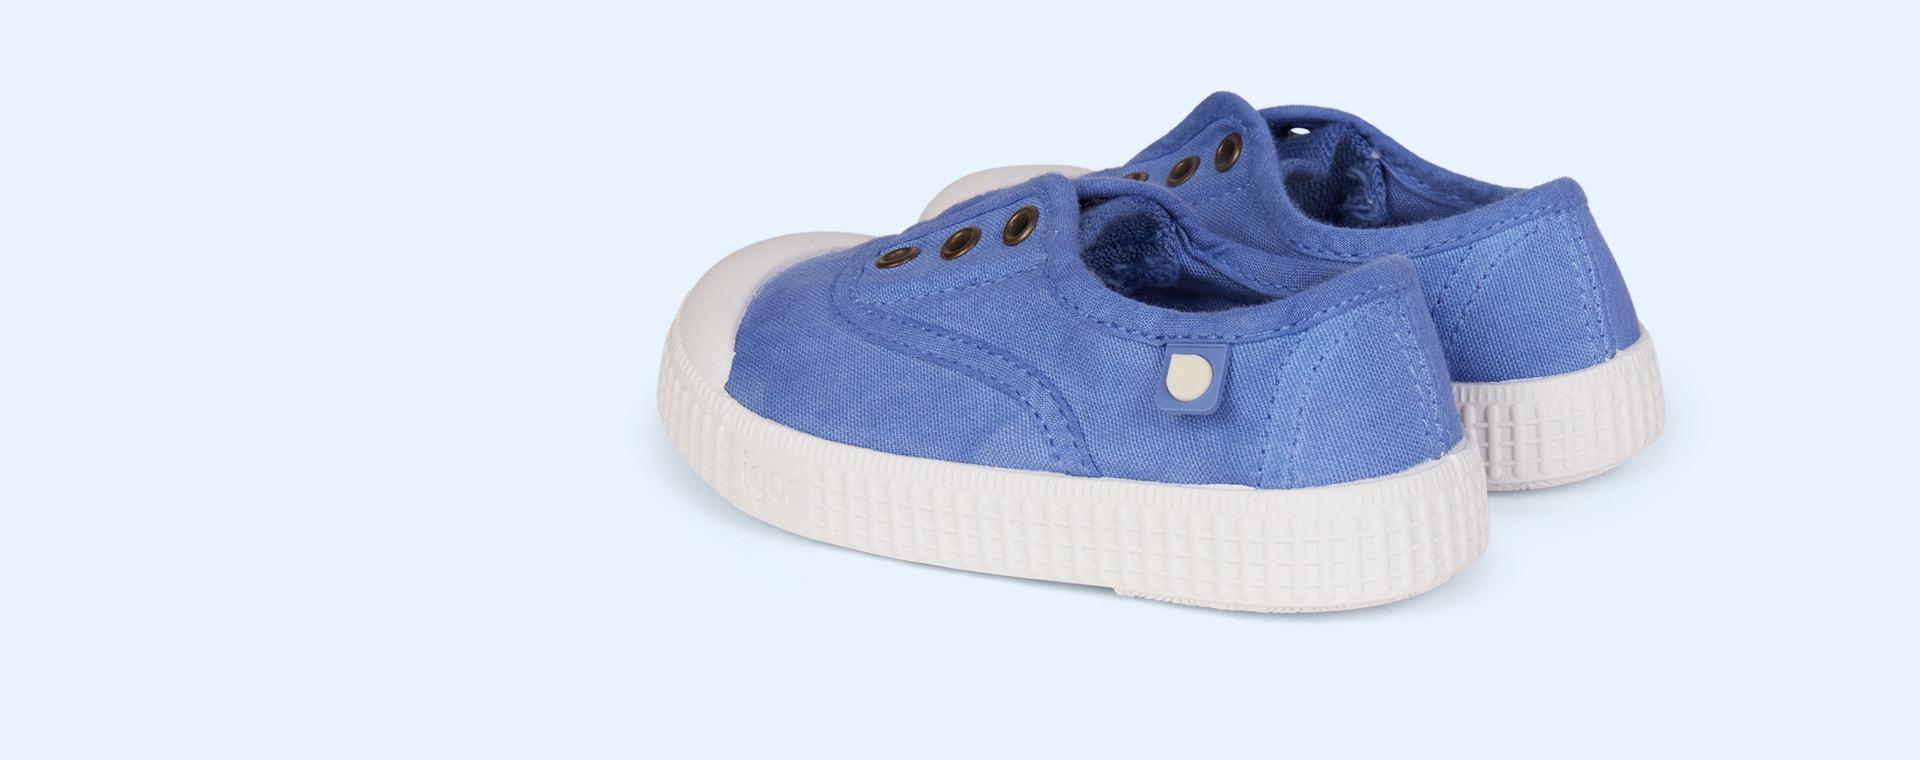 Jeans igor Berri Tennis Shoe